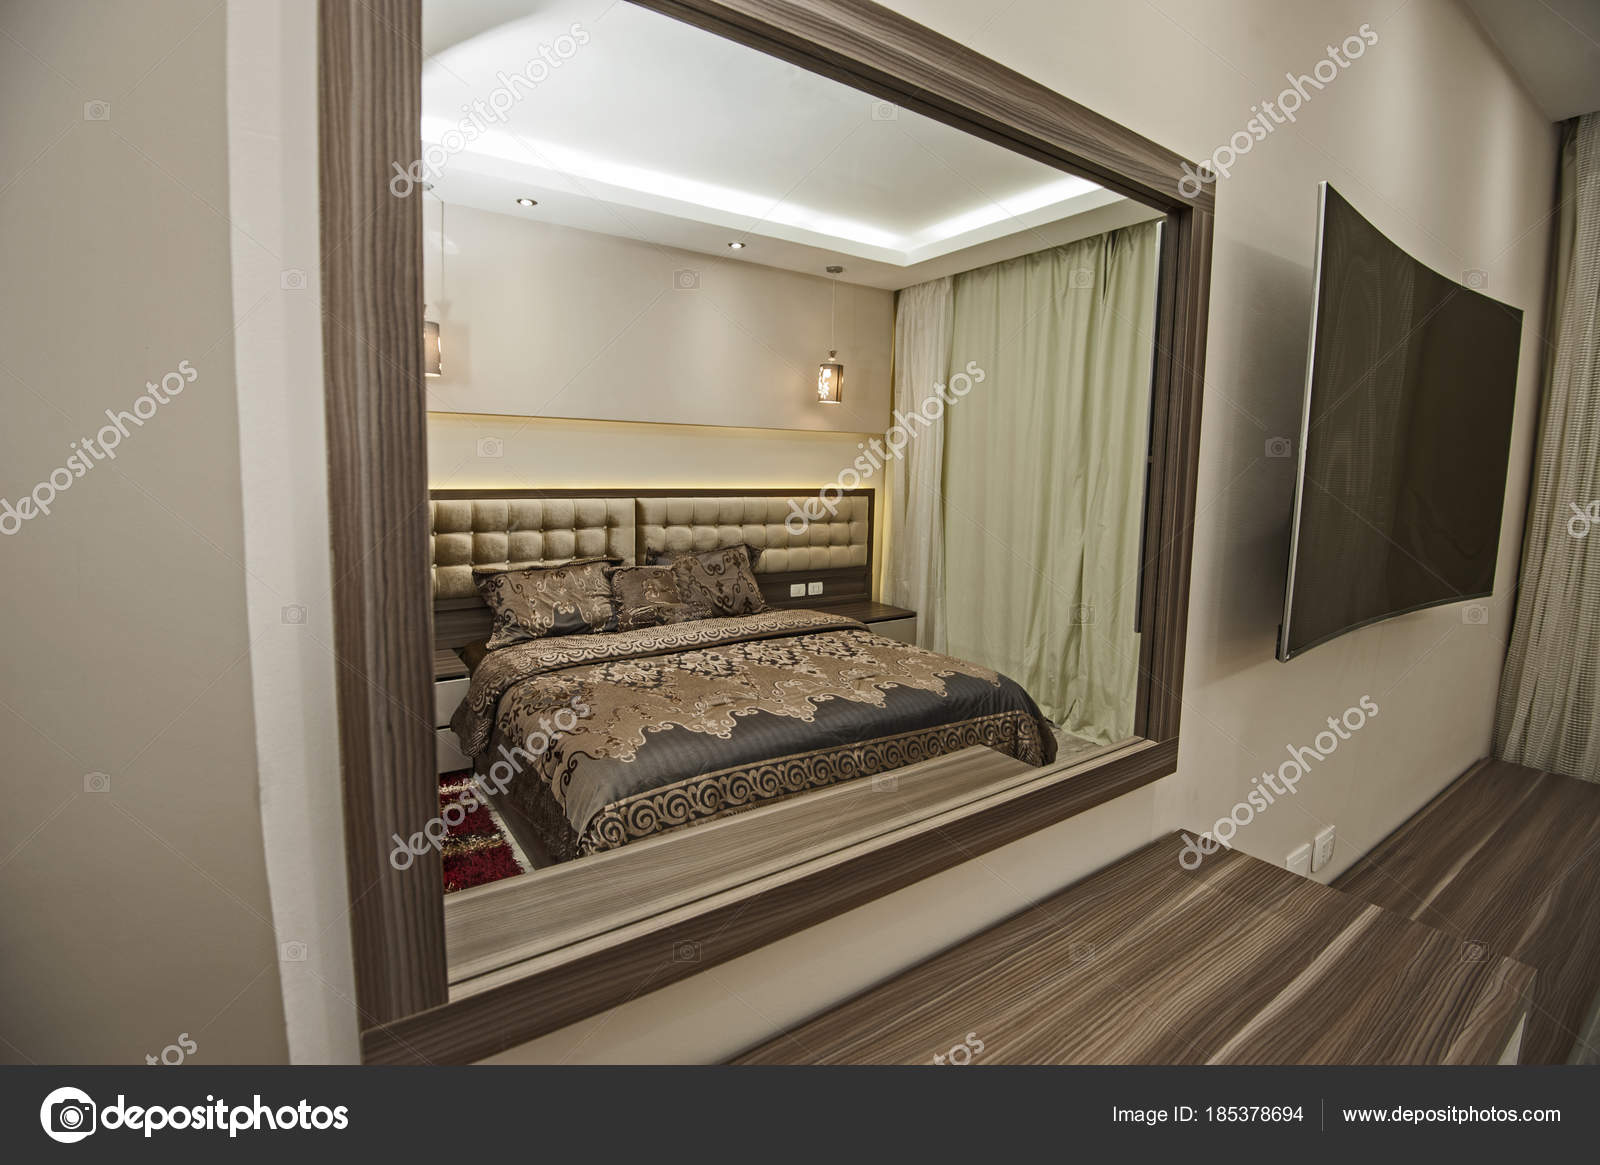 Slaapkamer Huis En Inrichting.Interieur Van Slaapkamer In Huis Stockfoto C Paulvinten 185378694